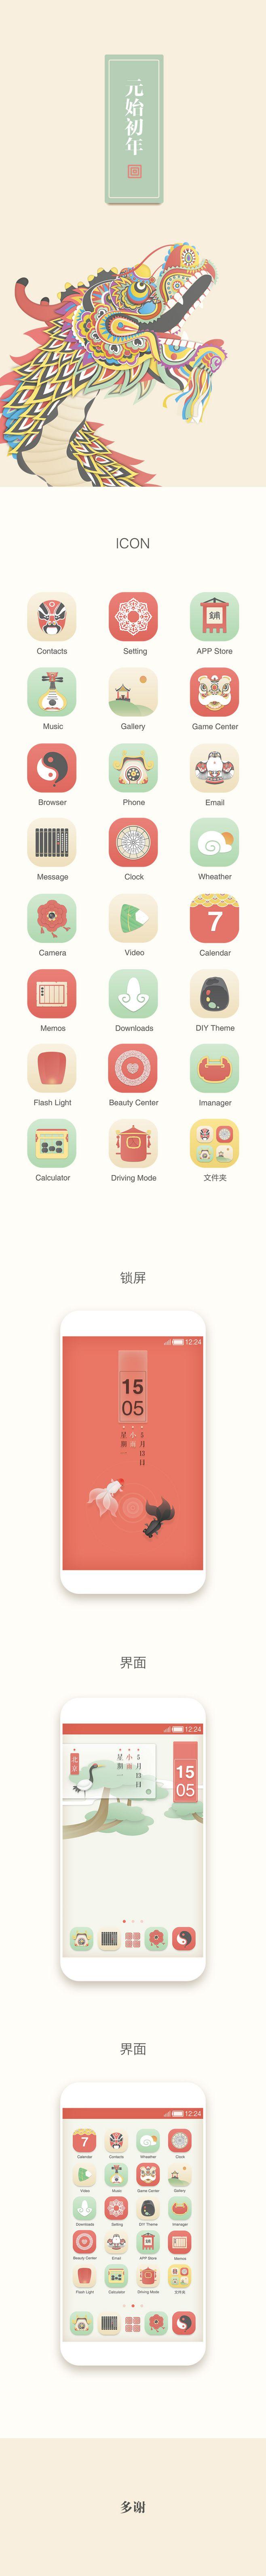 中国风主题图标设计案例欣赏